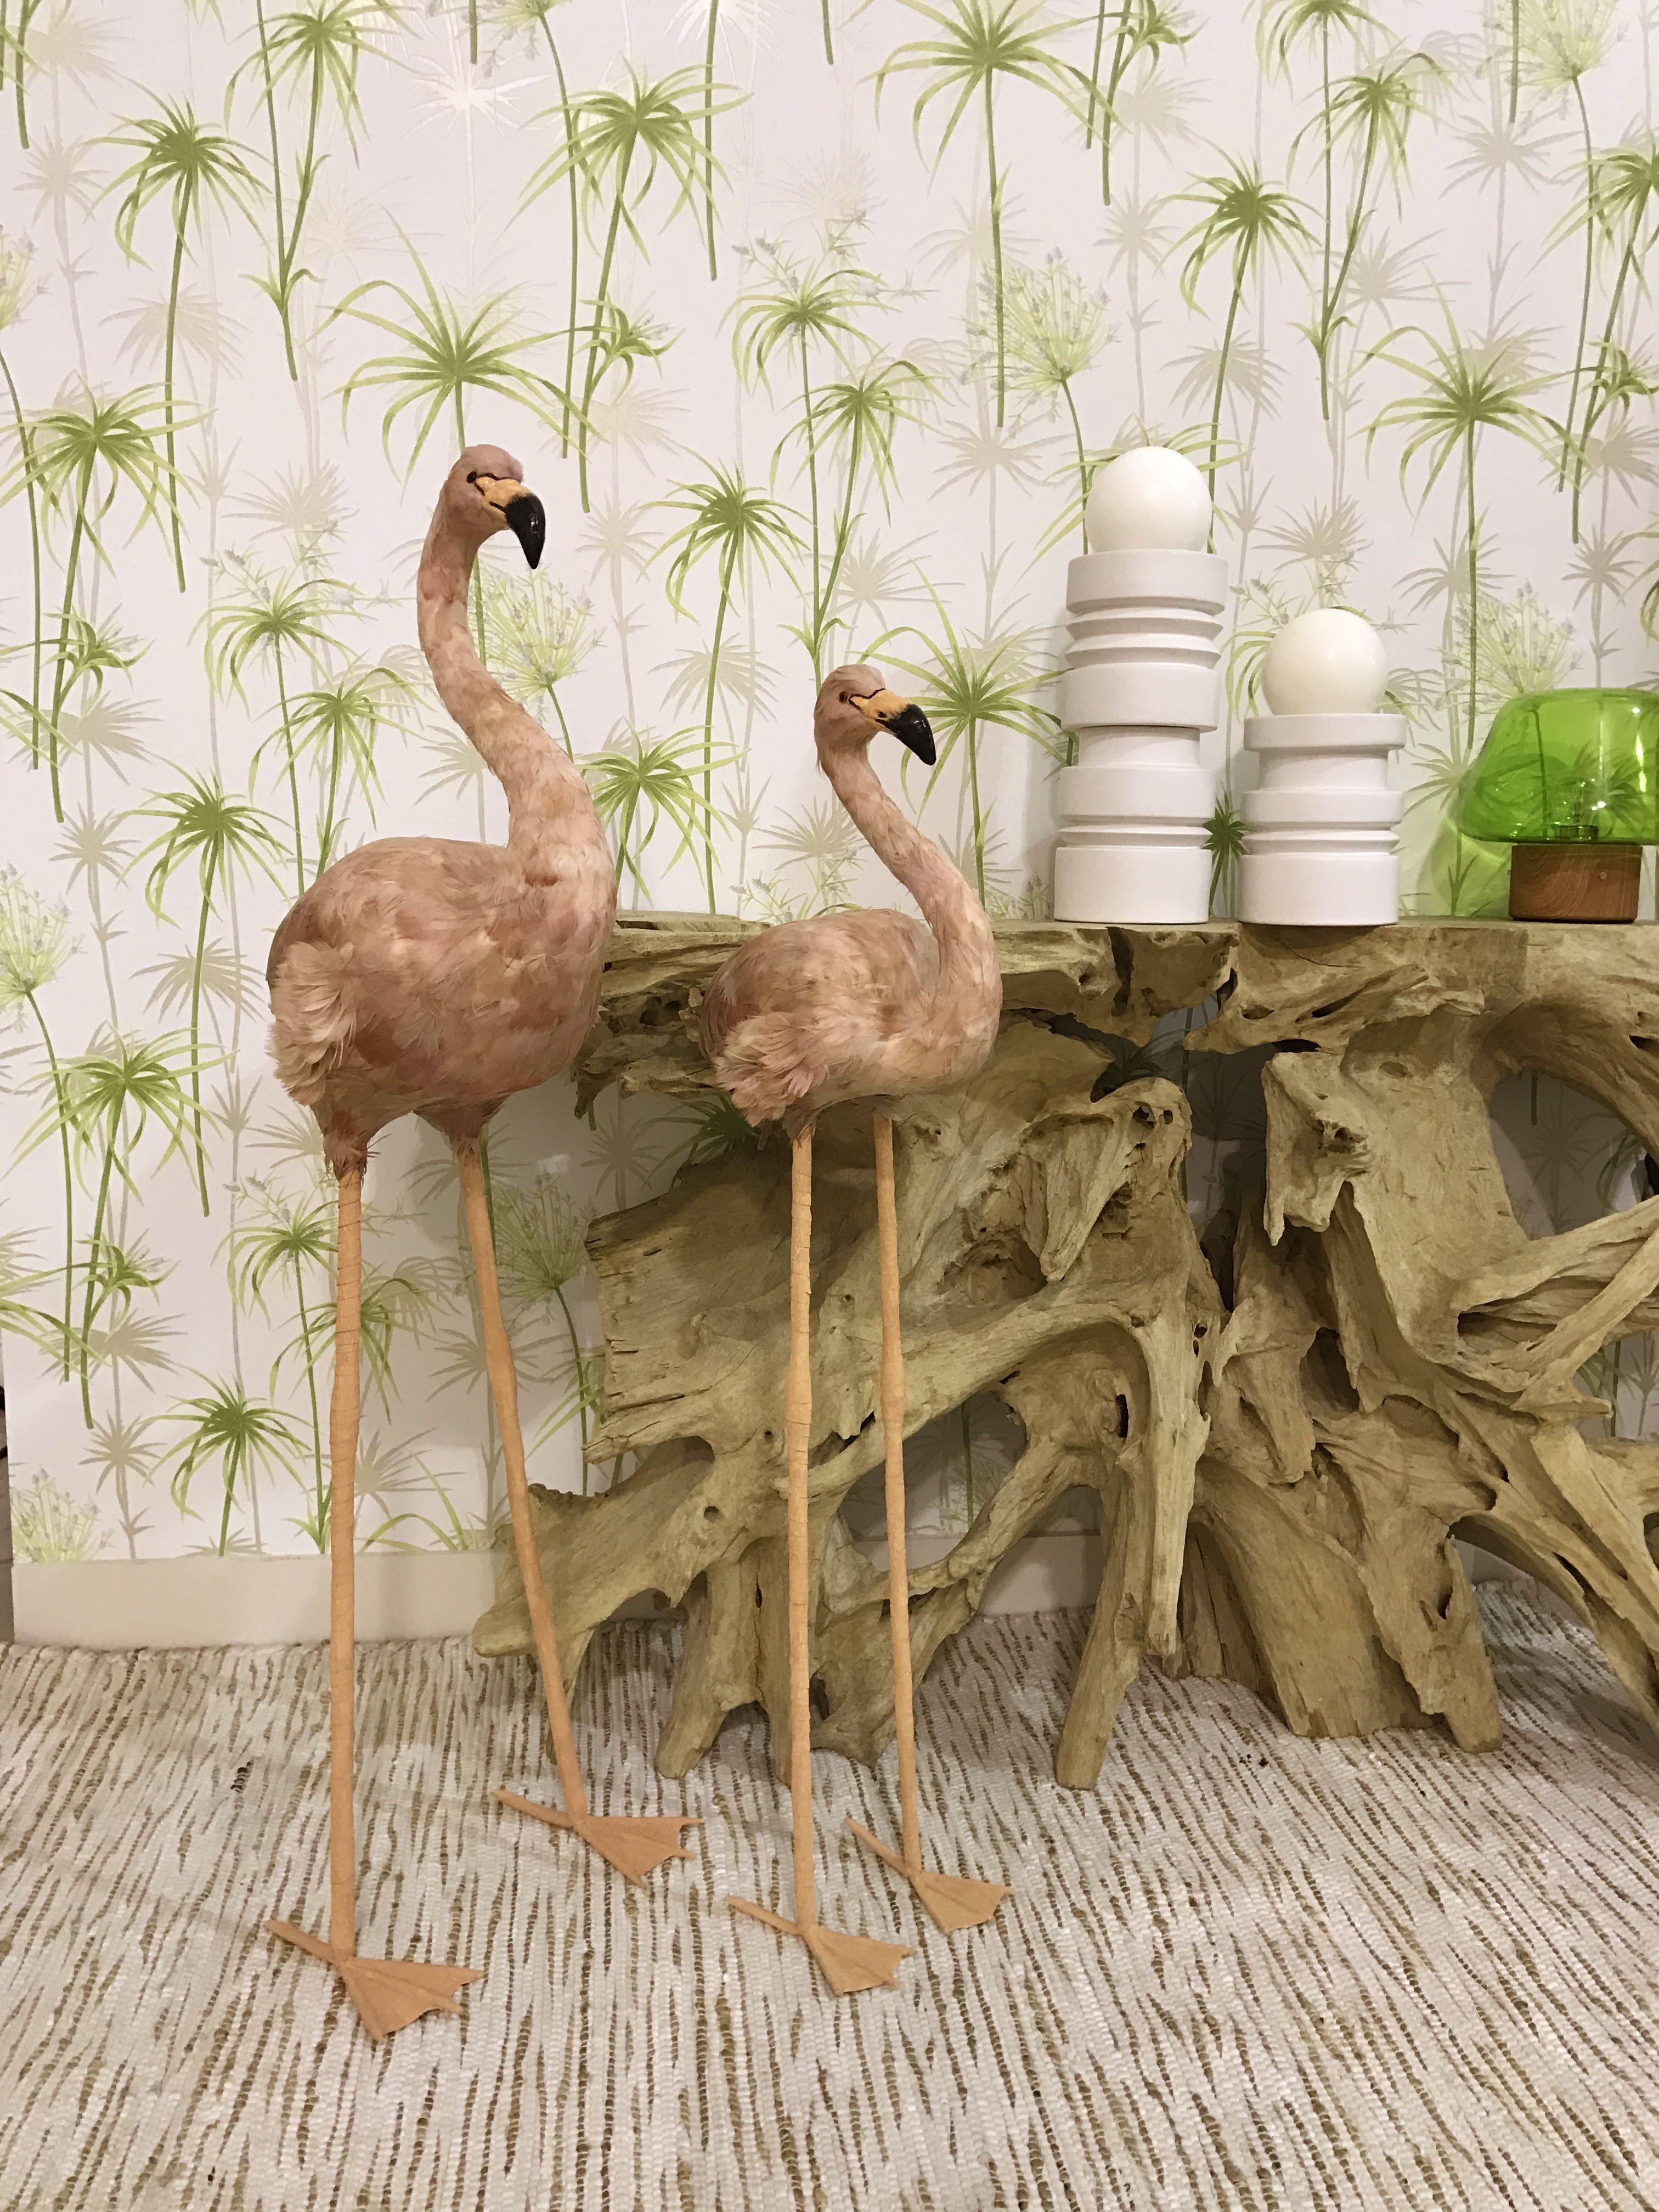 La Tendance Tropicale Souffle Comme Un Vent De Fraicheur Dans La Maison On Aime Son Exotisme Son Esprit Vacances S Decoration Tropical Decoration Scandinave